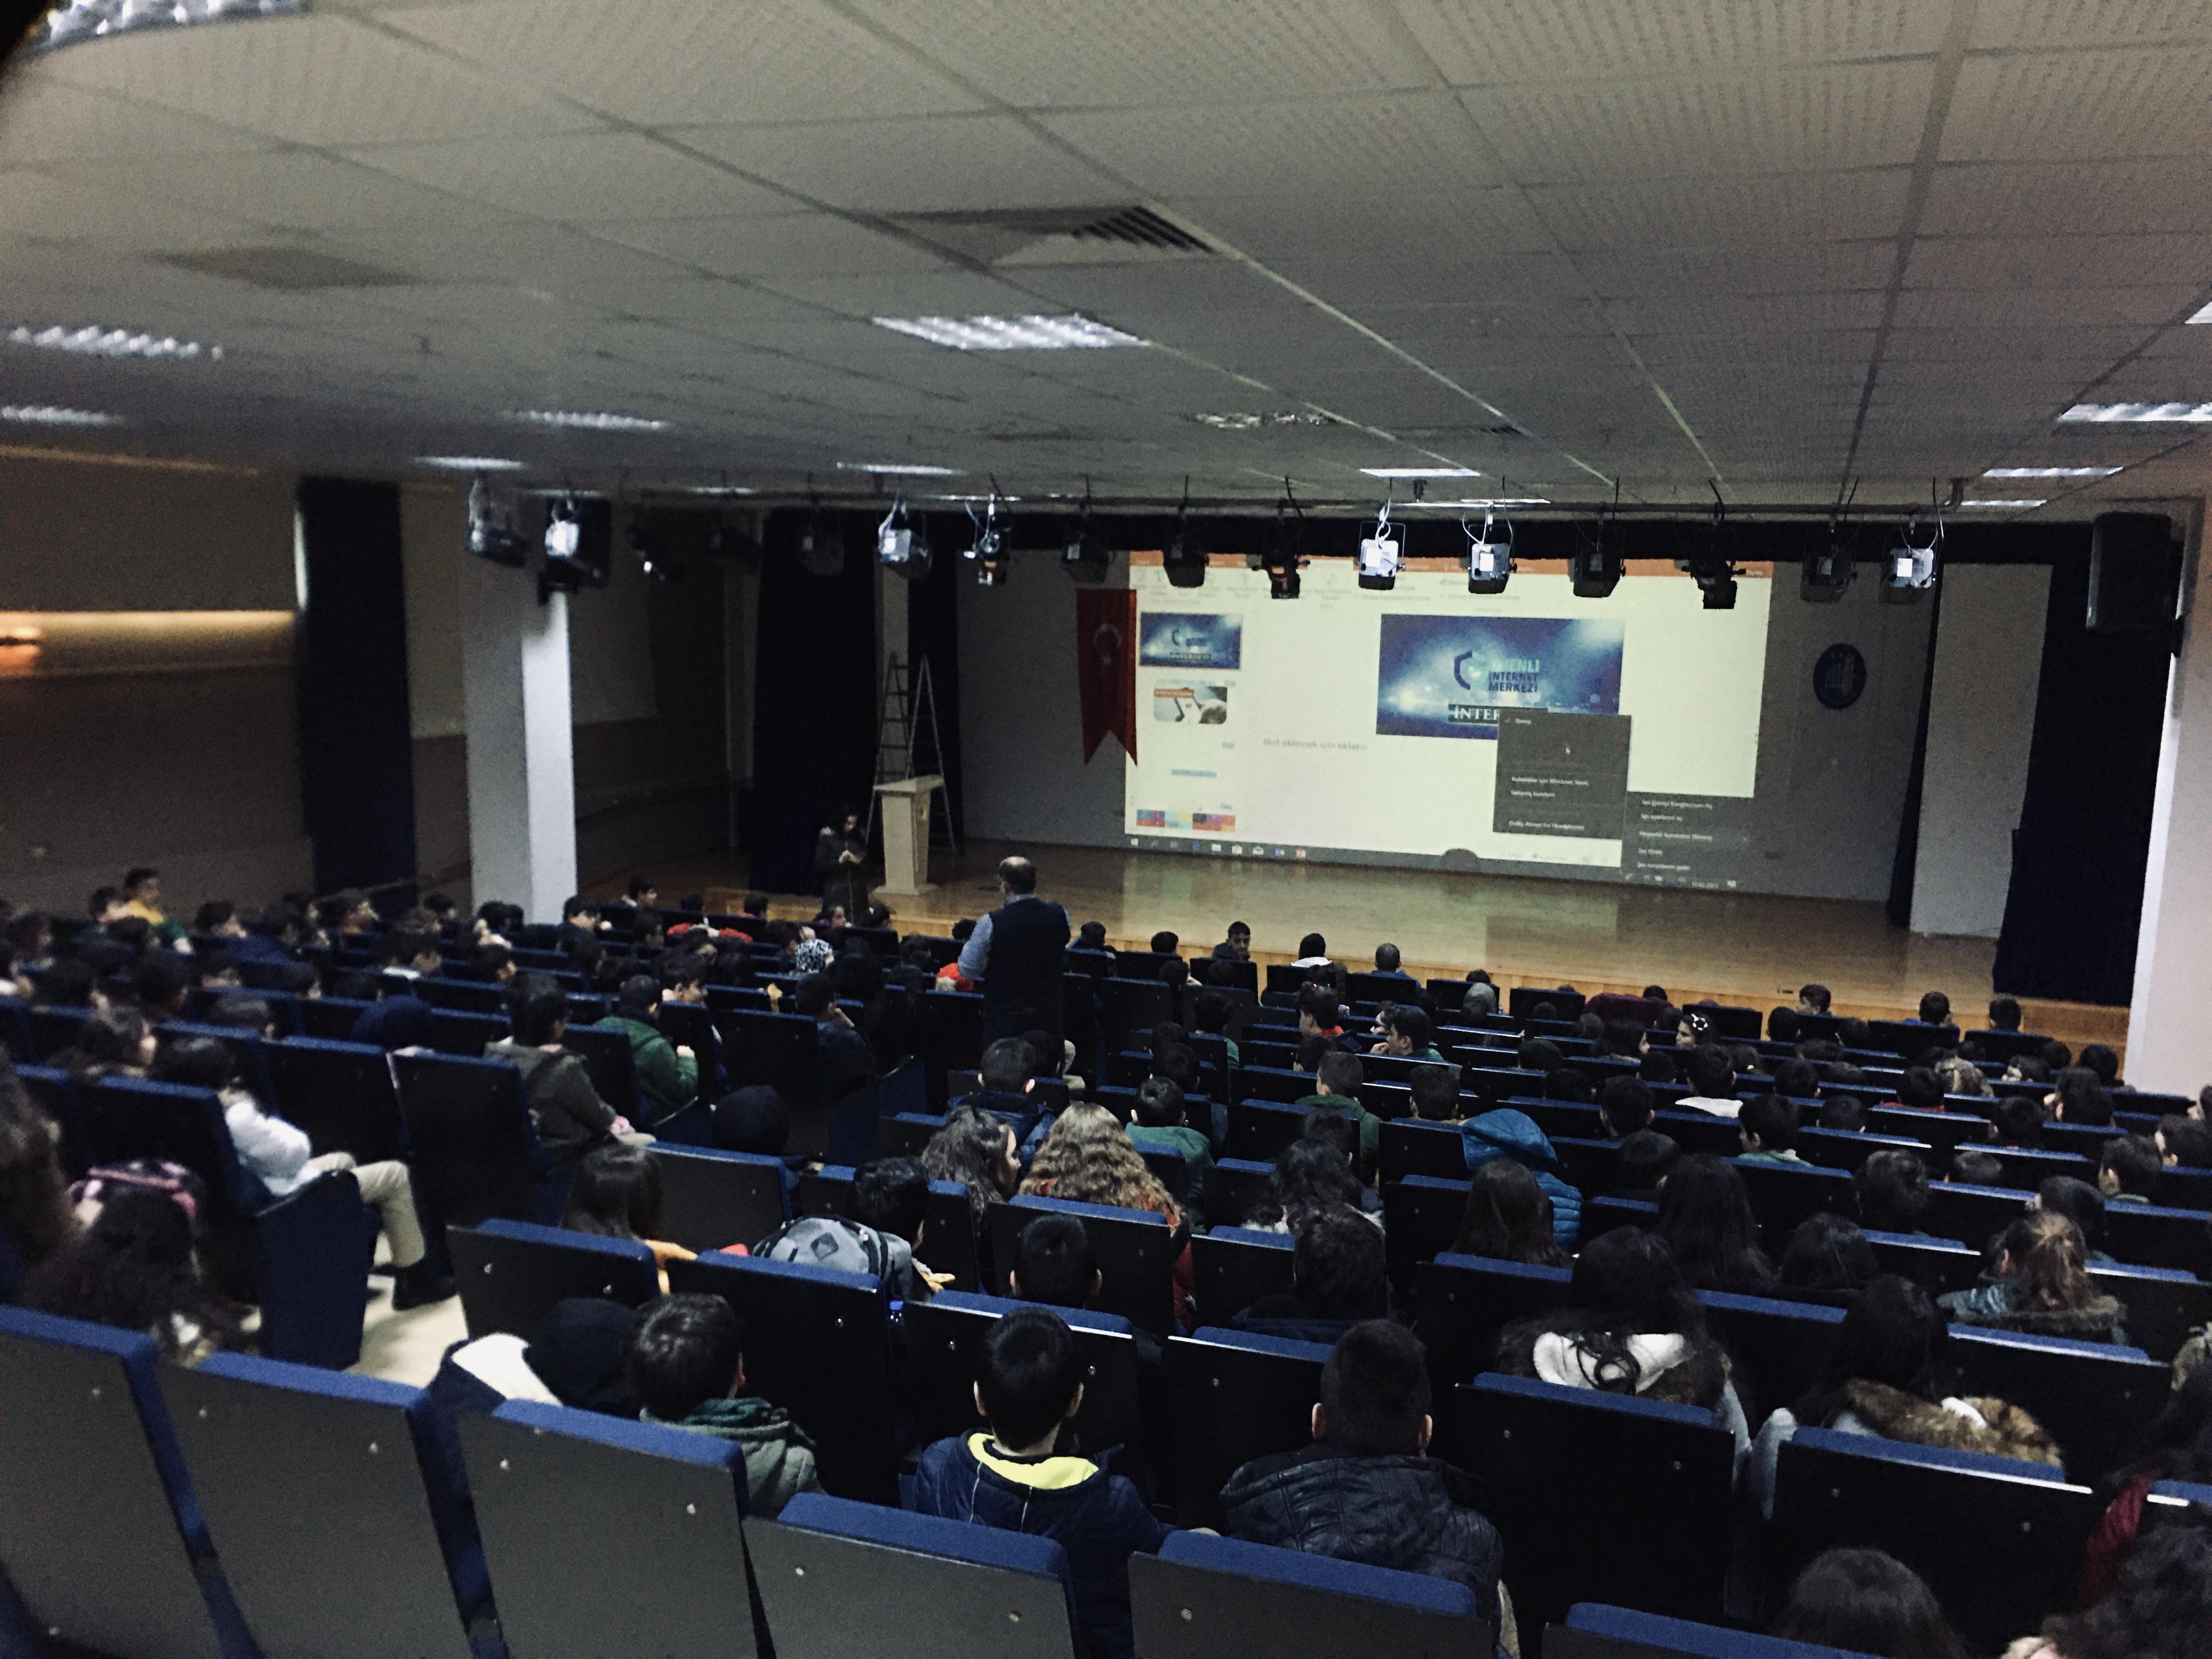 Çorum Mustafa Kemal Ortaokulunda, Bilinçli Ve Güvenli İnternet Semineri